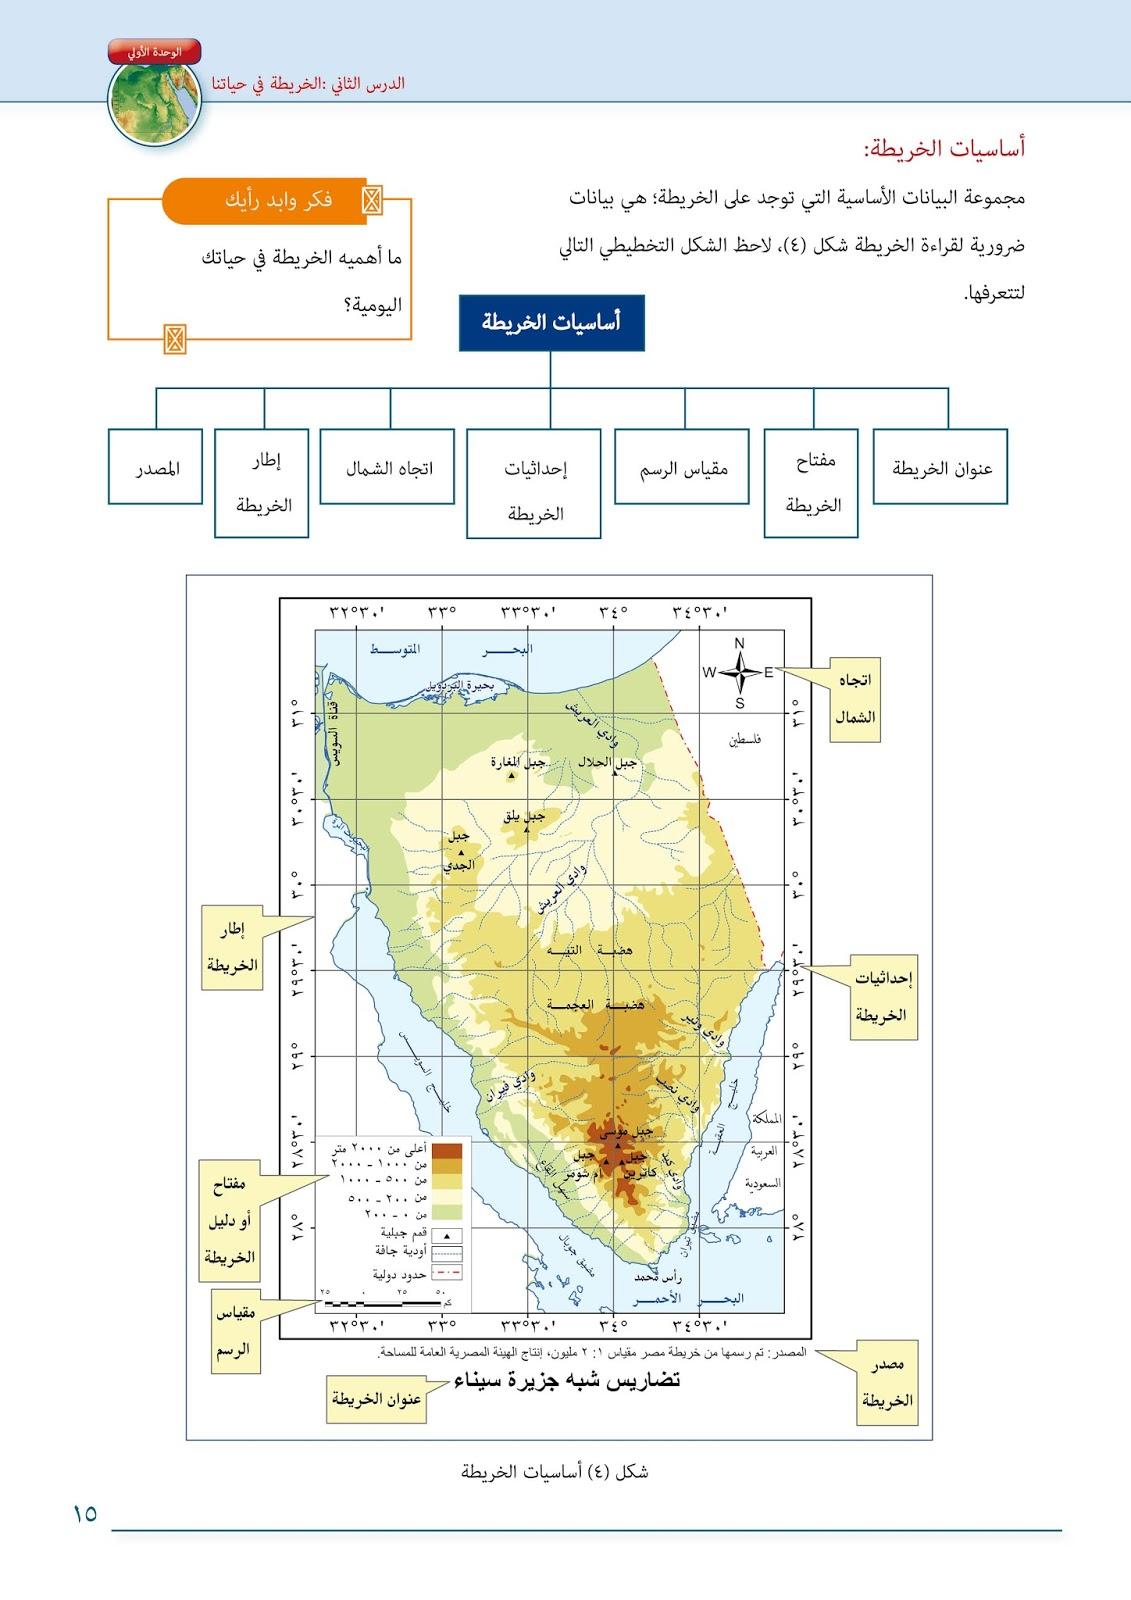 انفراد منهج الجغرافيا للصف الاول الثانوى 2013/2014 مناهج جديدة انفراد منهج الجغرافيا للصف الاول الثانوى 2013/2014 - صفحة 7 Geo+SEC+2013+U115